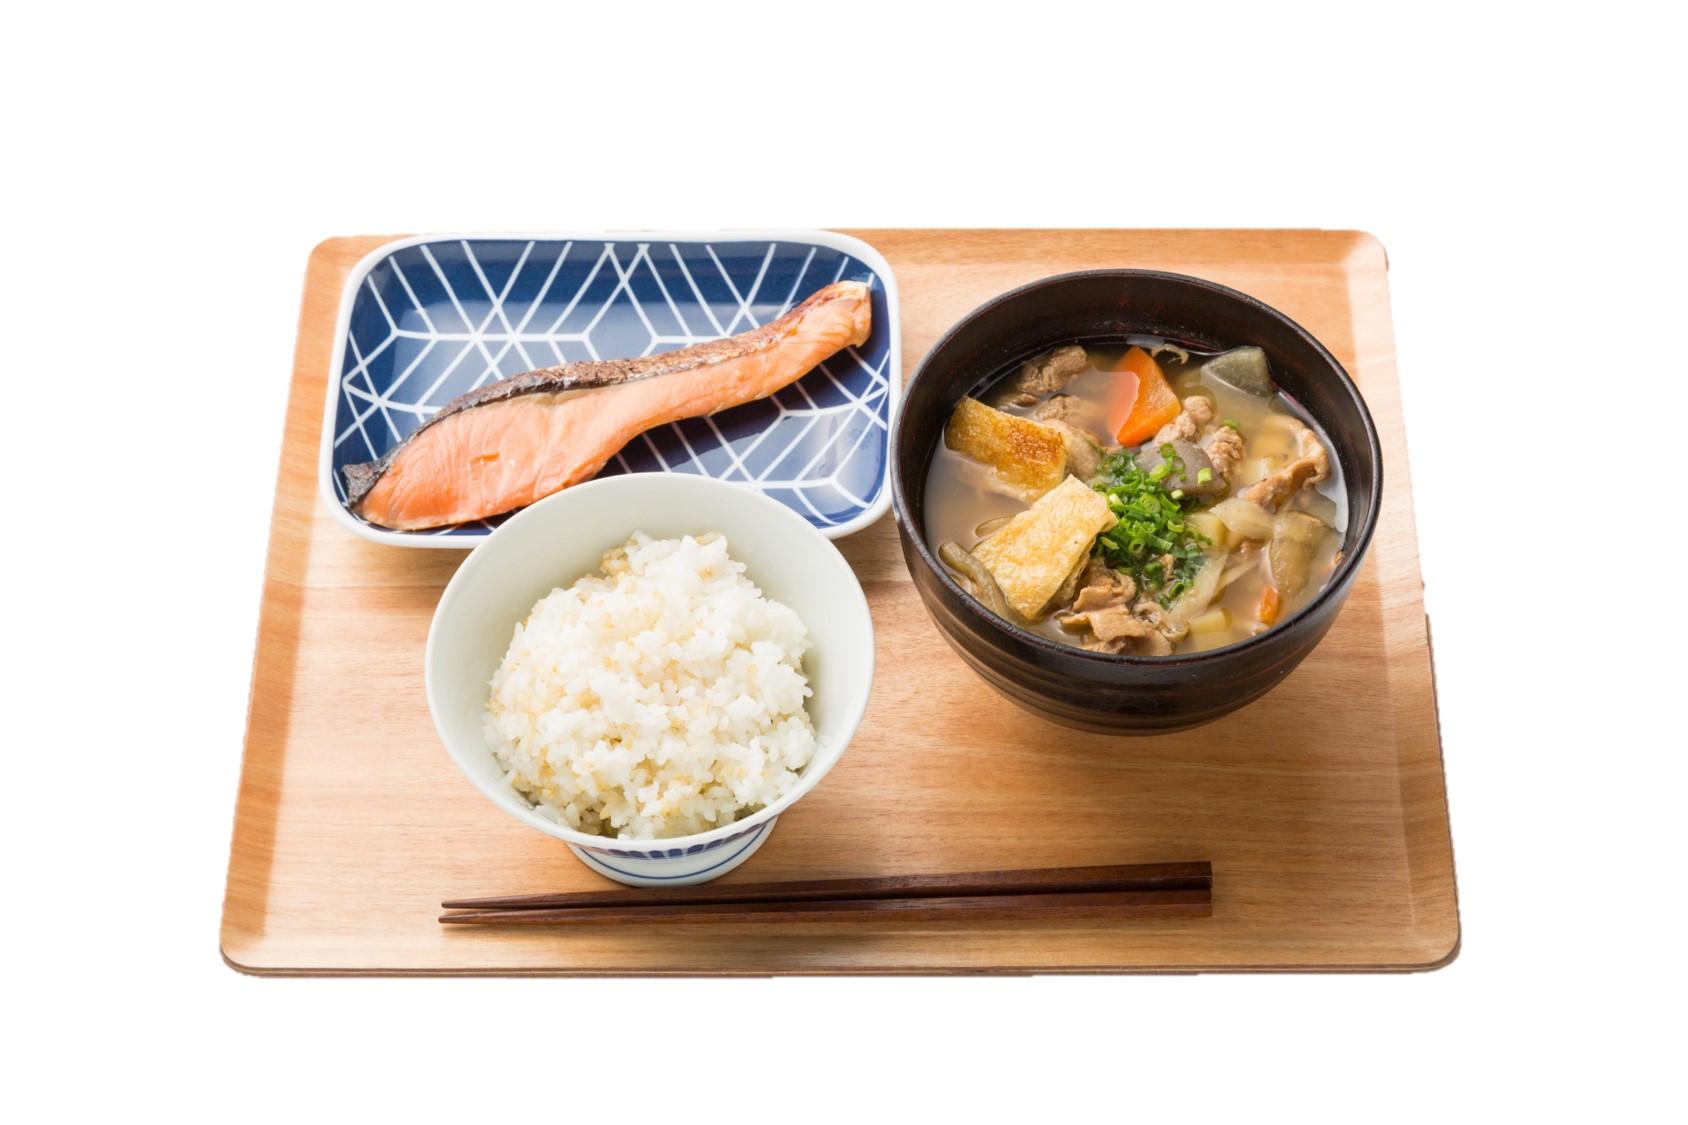 安芸広島贅沢豚汁お膳 鮭の西京焼き